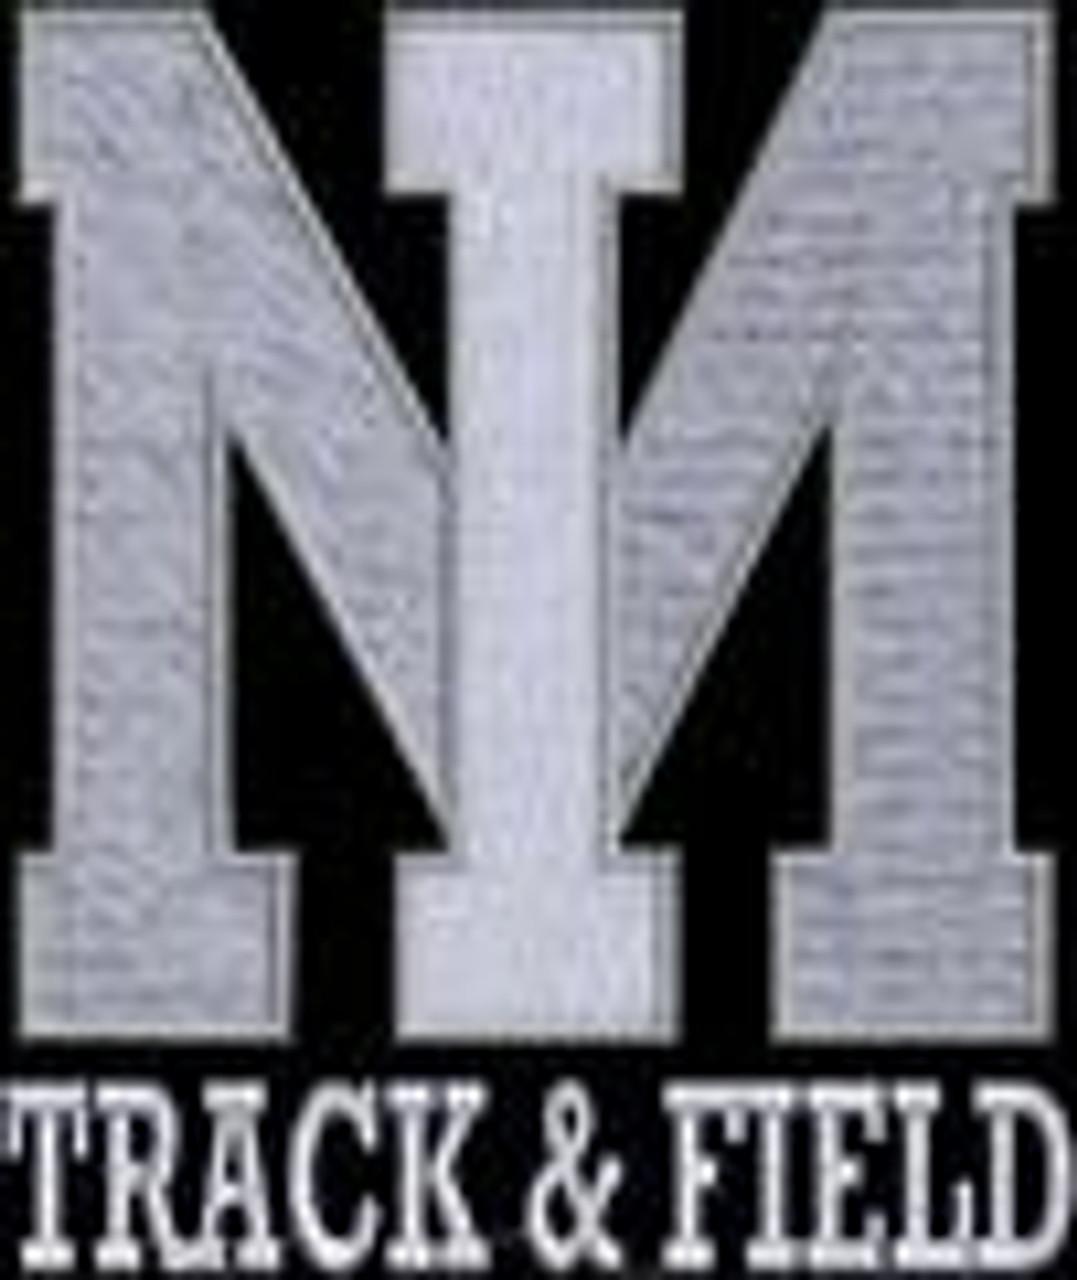 Mercer Island Track